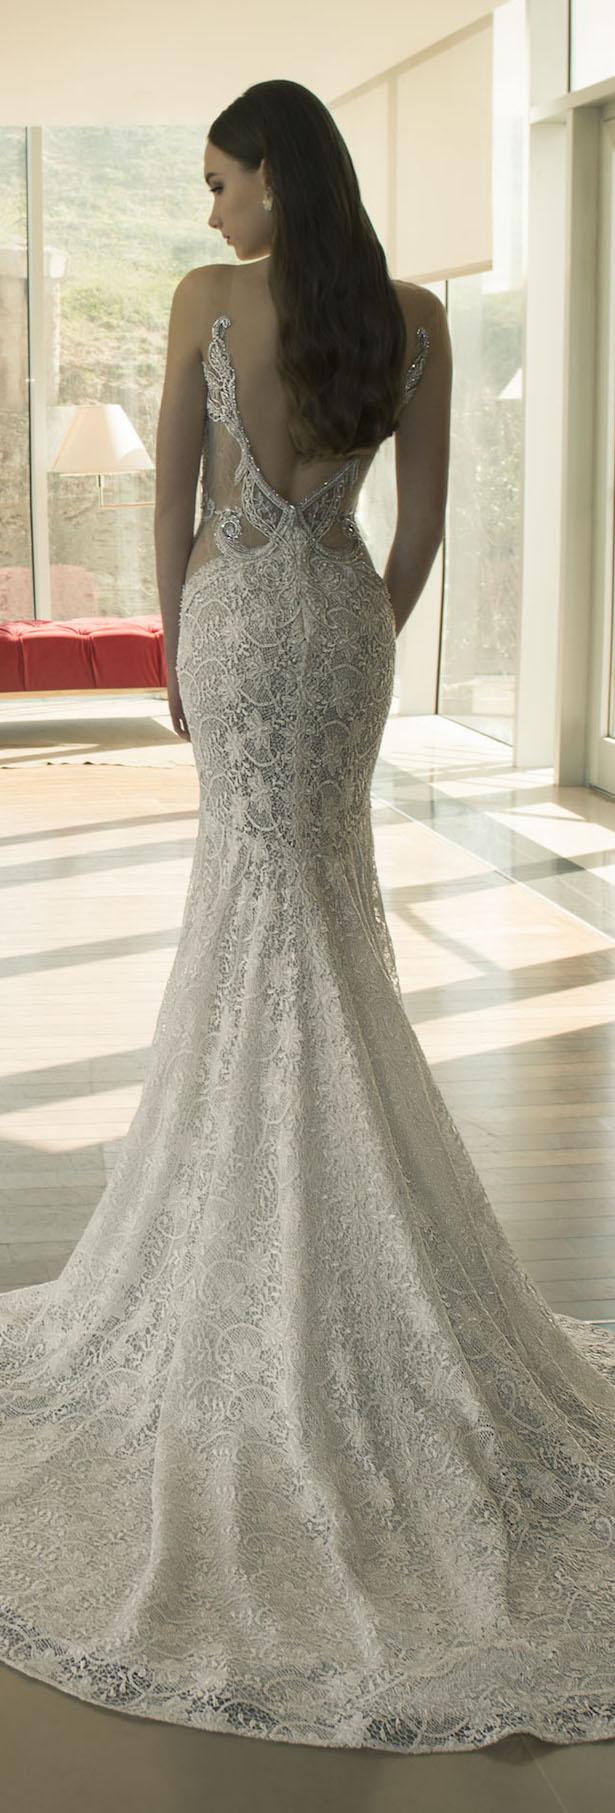 30 Elegant Beach Wedding Dresses Ideas  Wohh Wedding